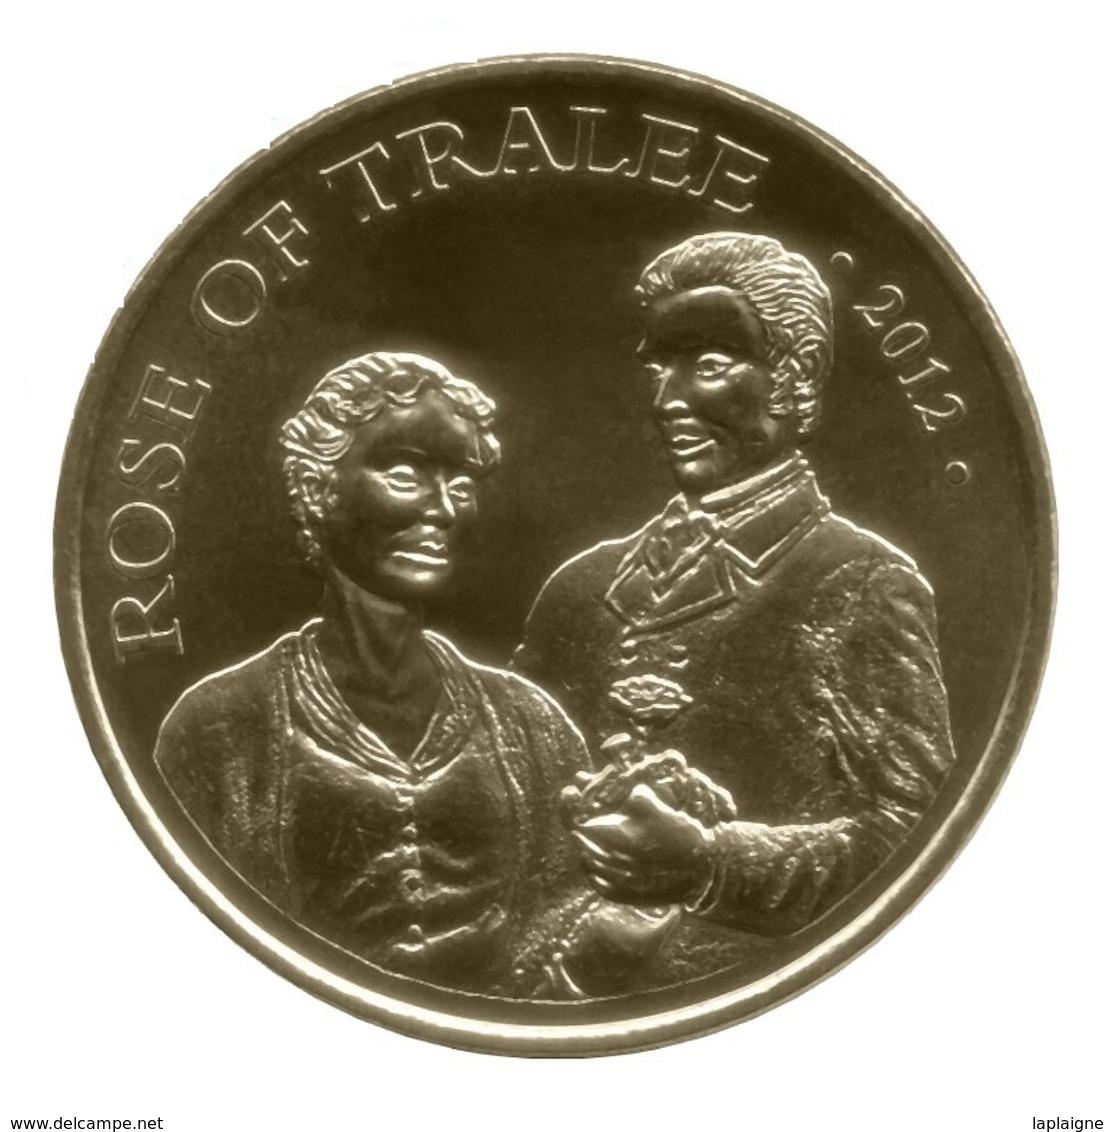 Monnaie De Paris , 2012 , Tralee-CO Kerry , Rose Of Tralee 2012 - Monnaie De Paris